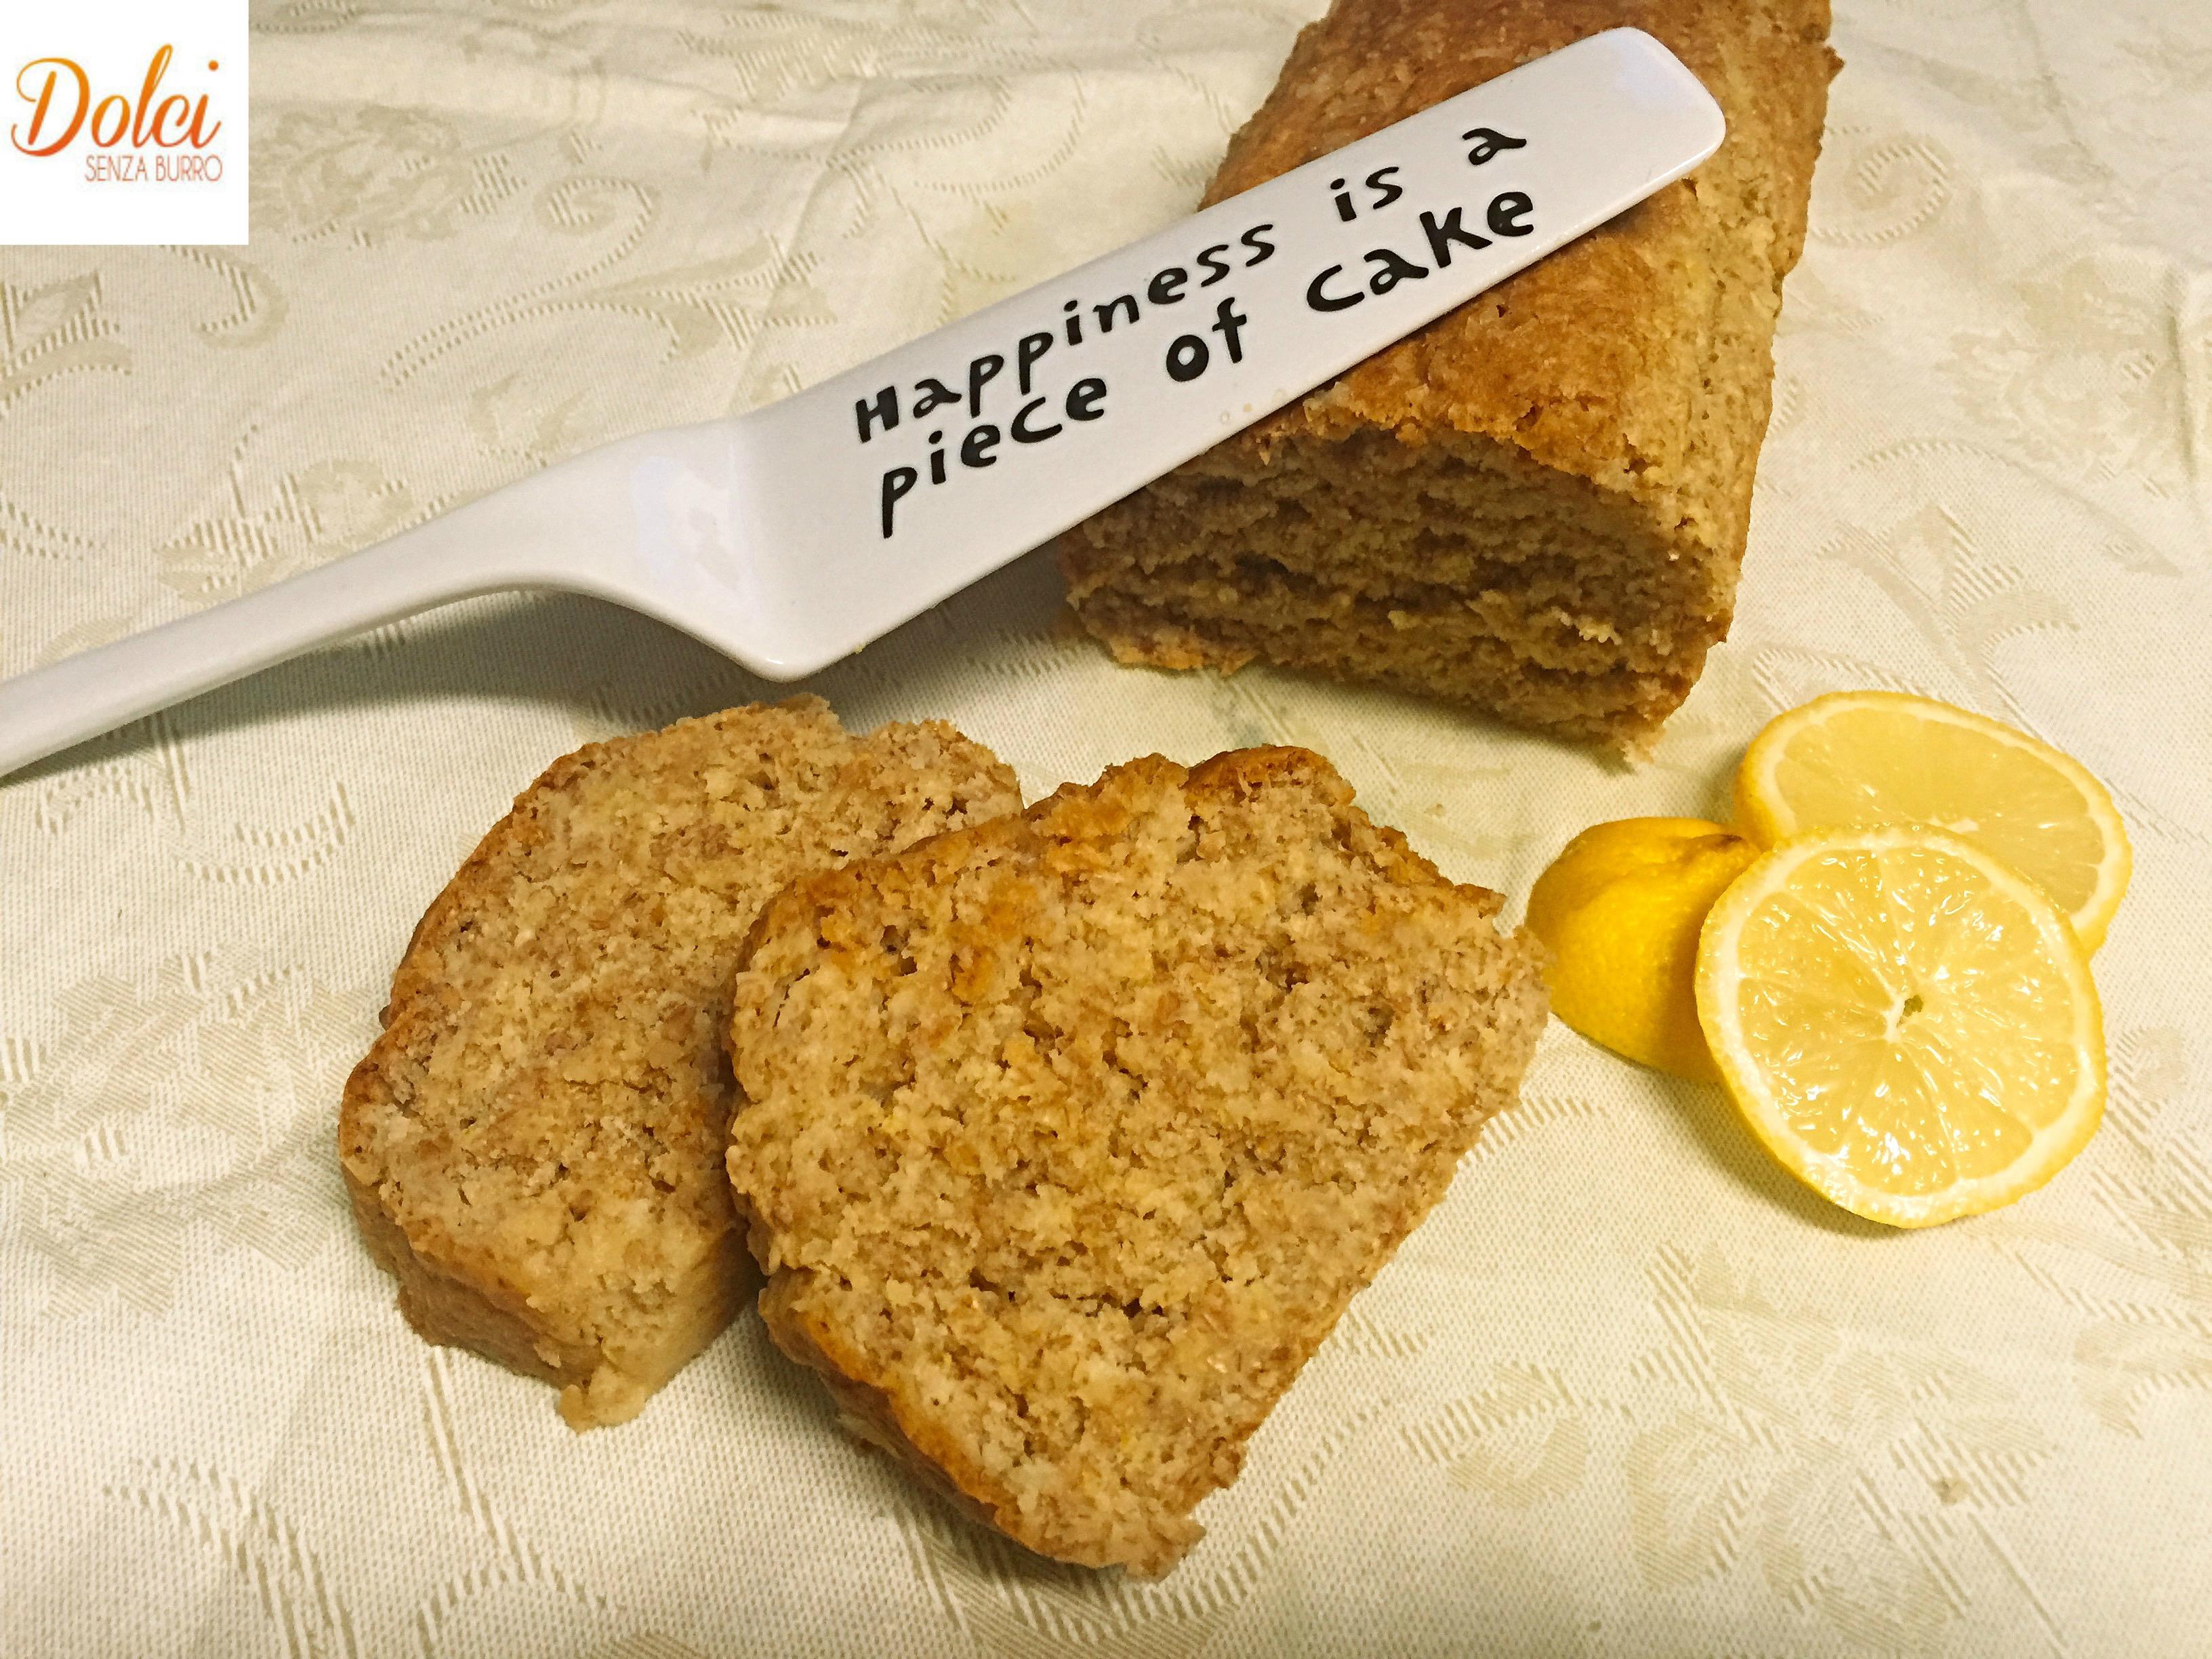 Lemon Drizzle Cake Senza Burro, la torta al limone in stile british super golosa e profumata di dolci senza burro